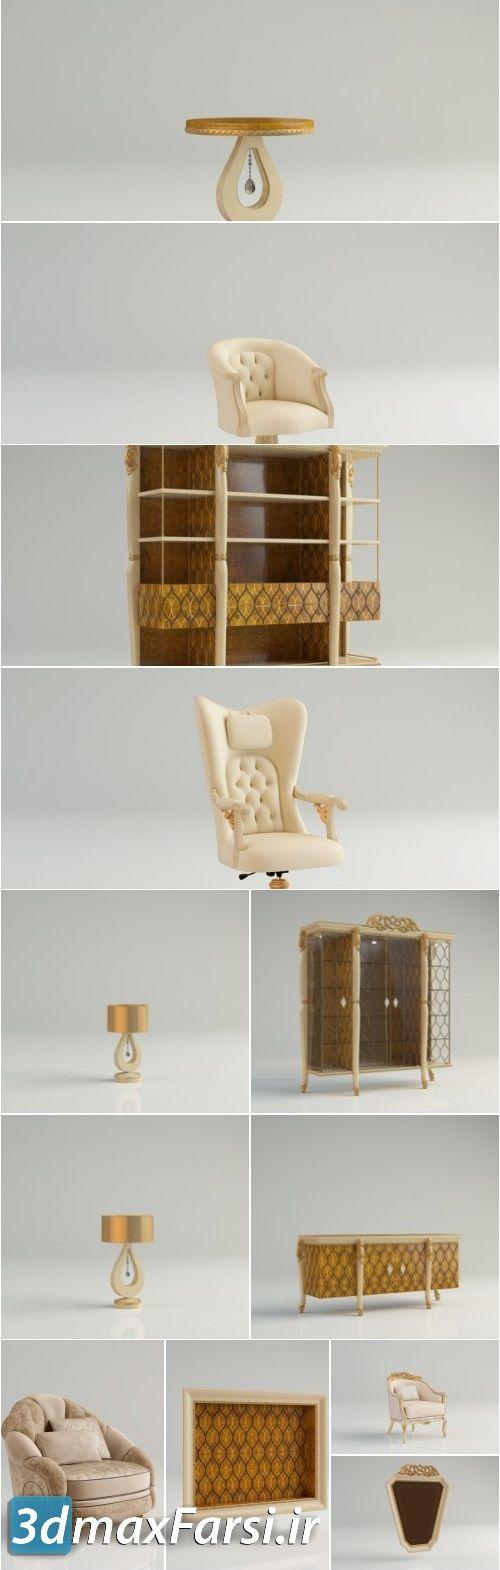 مدل سه بعدی میز سلطنتی کلاسیک